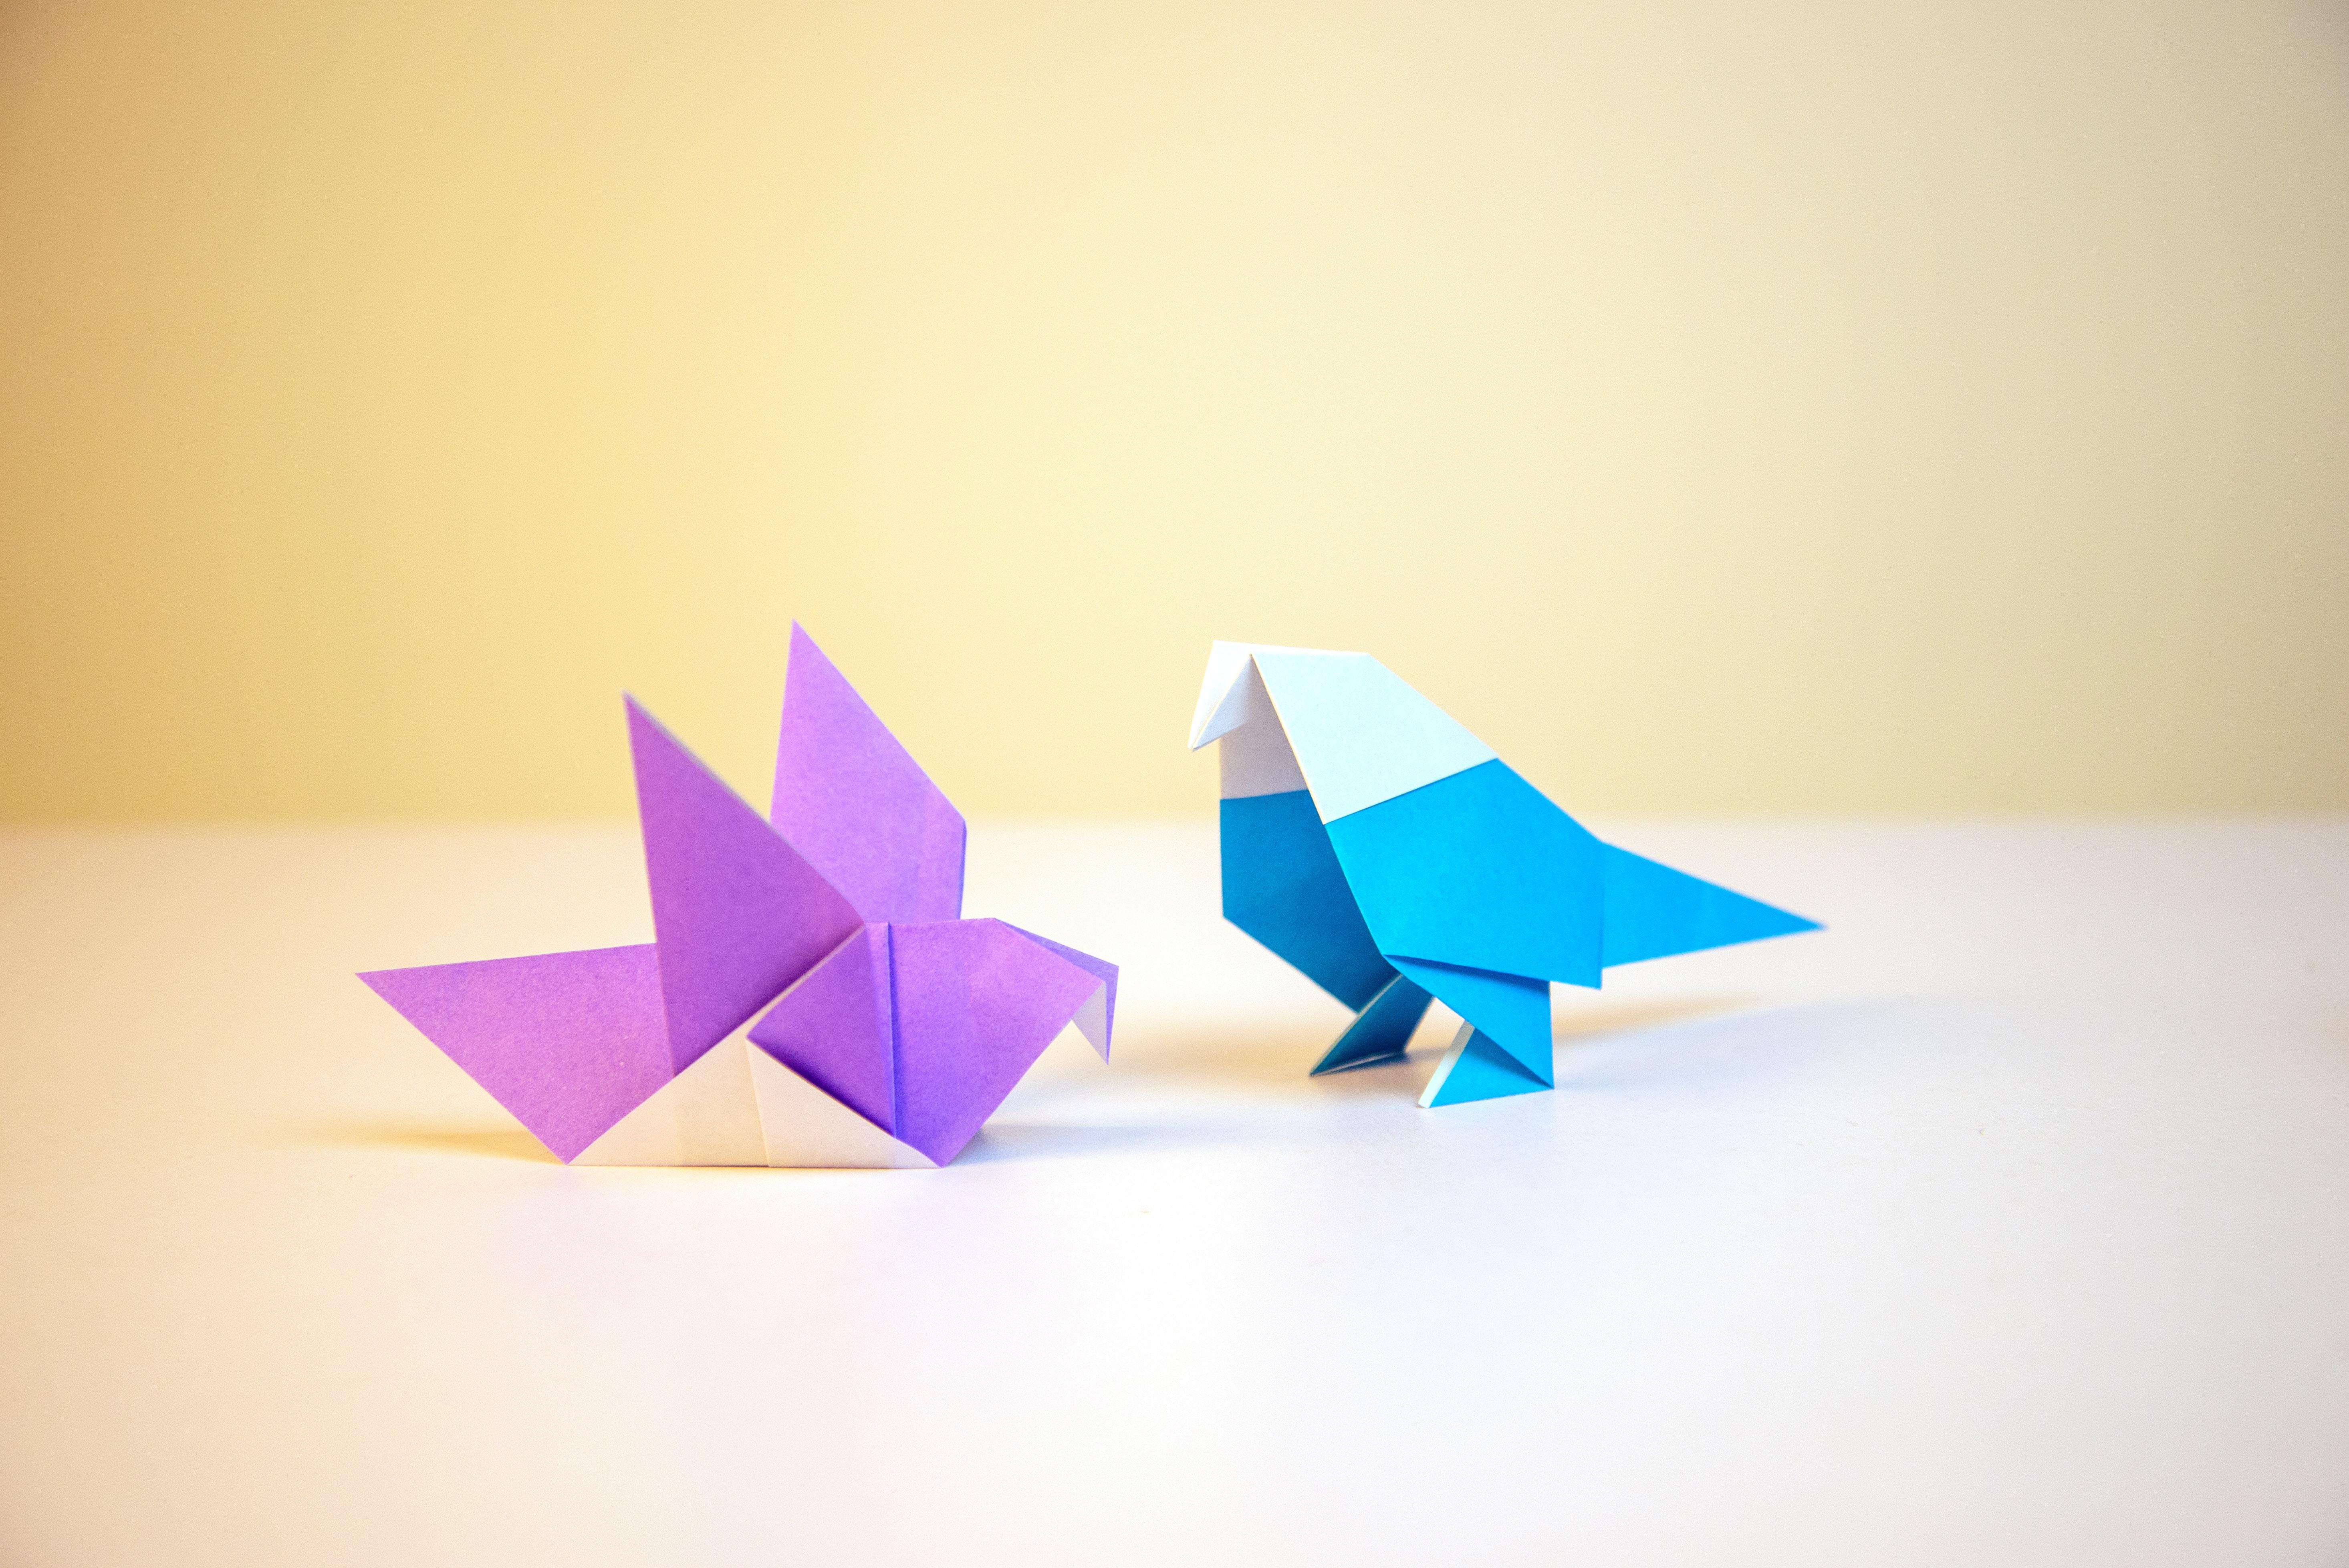 la papiroflexia y el origami